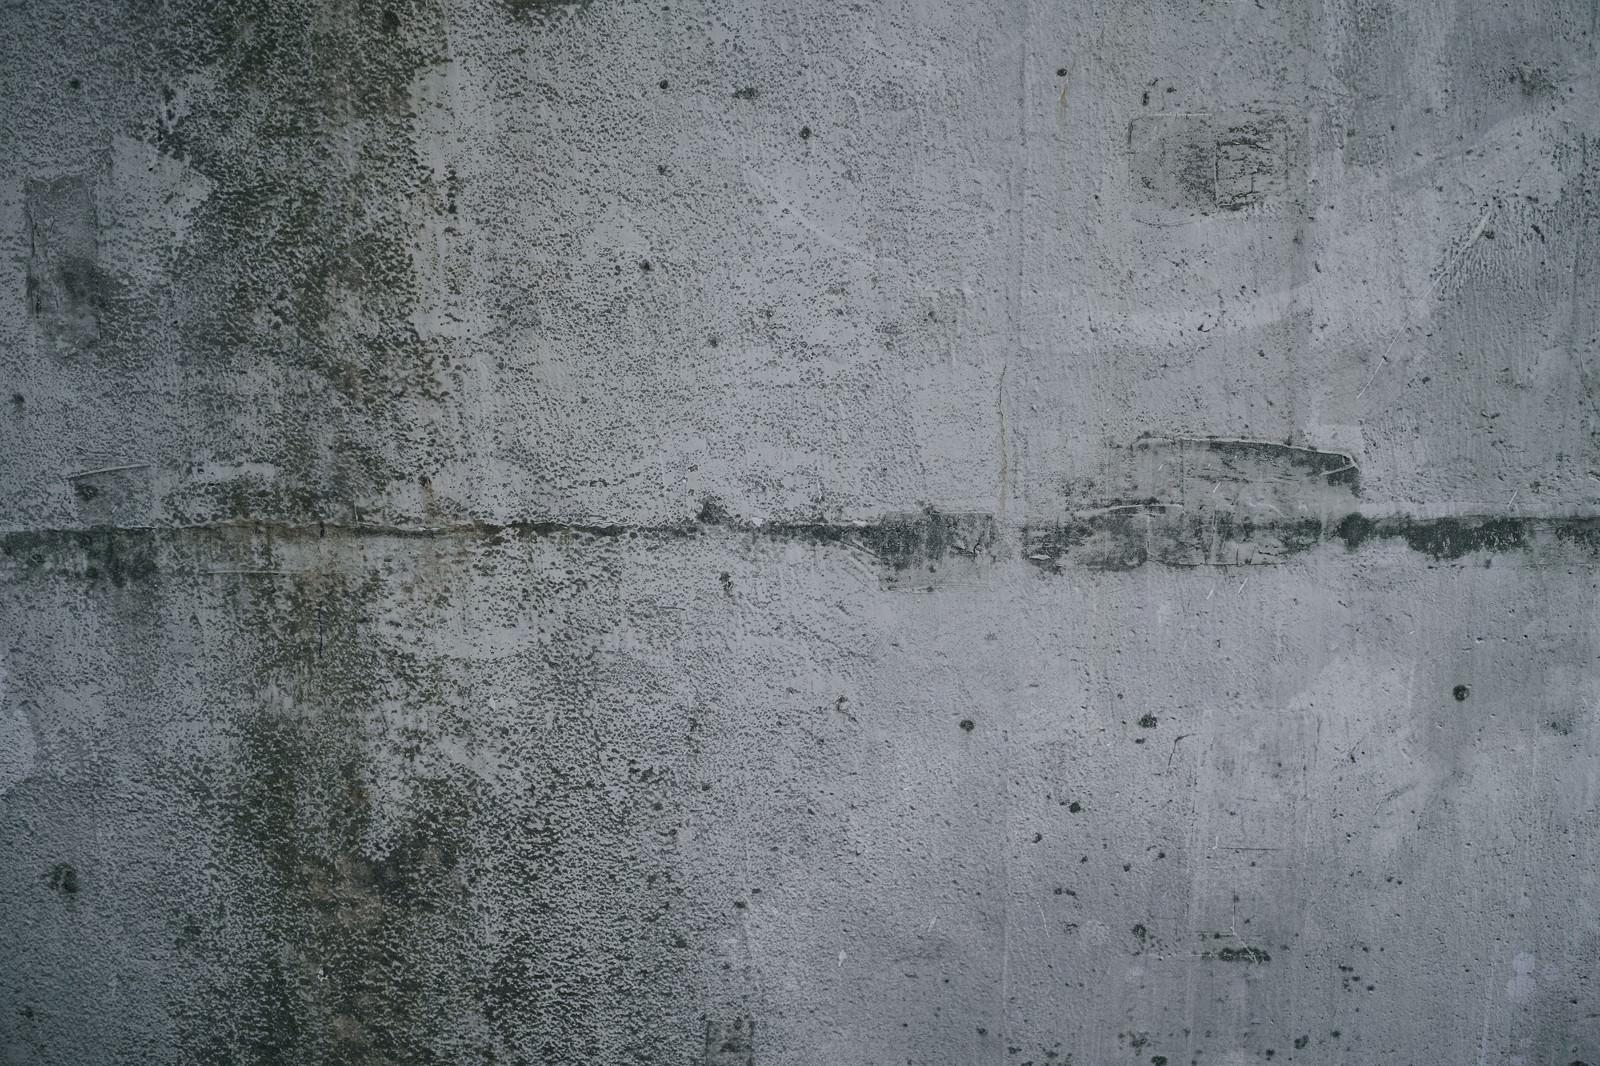 「汚れに薄っすらと落書き跡が浮いたコンクリート壁(テクスチャ)」の写真